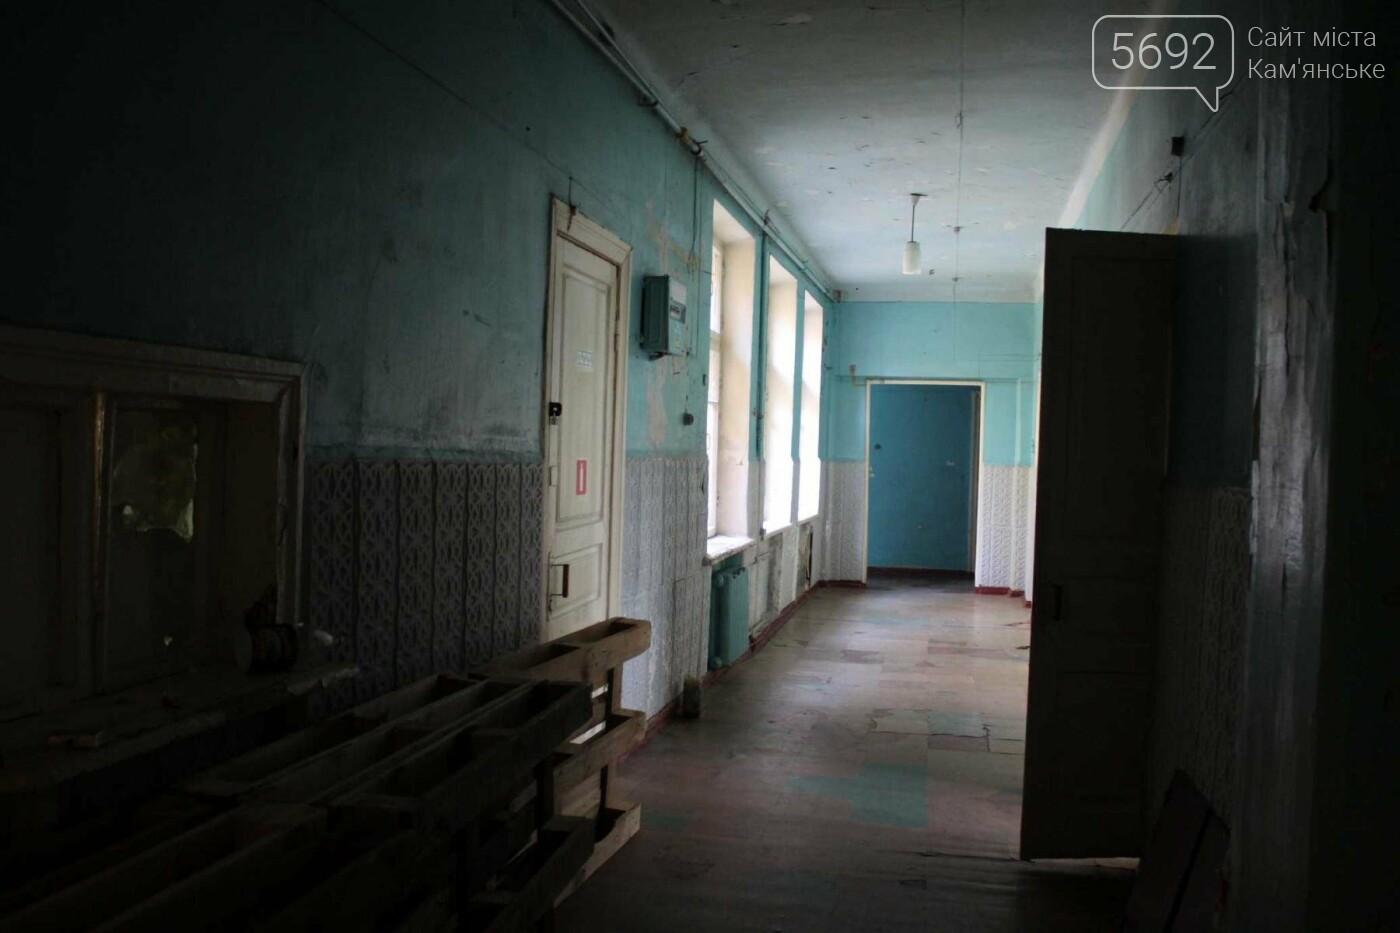 Каменской кабинет обслуживания ВИЧ-позитивных сменил адрес, фото-4